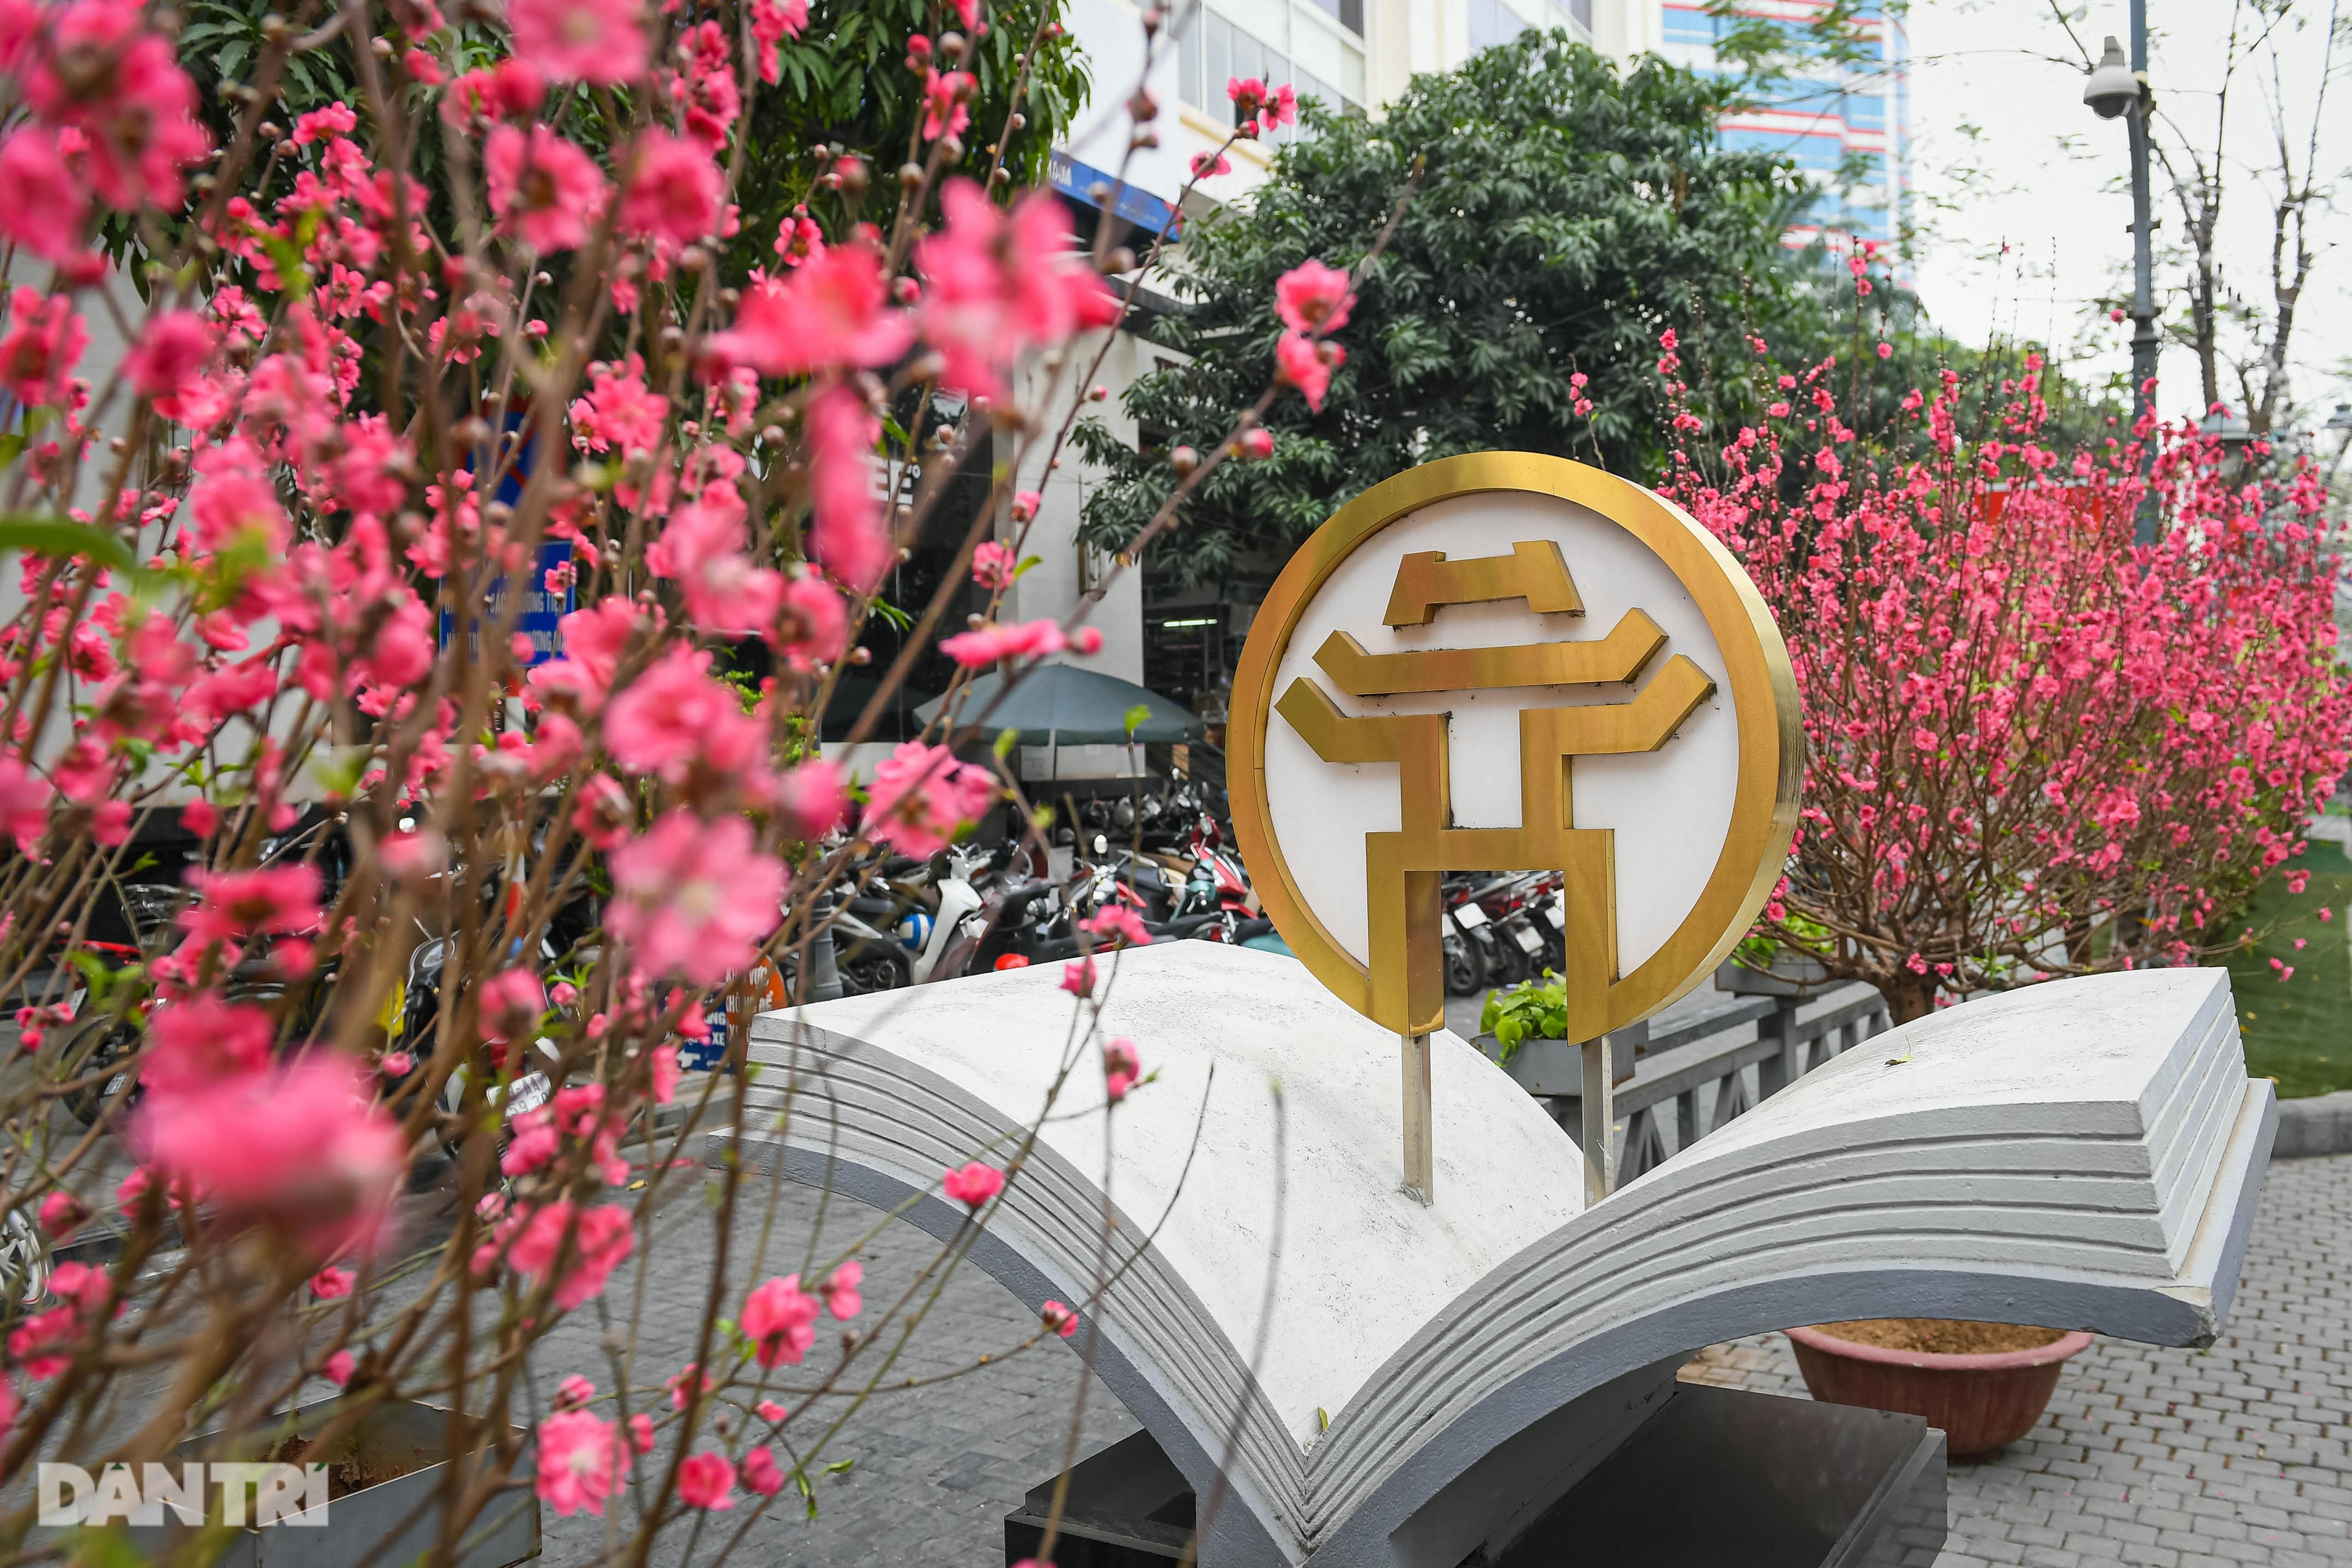 Hà Nội khoác áo mới rực rỡ chào đón Tết Tân Sửu 2021 - 14